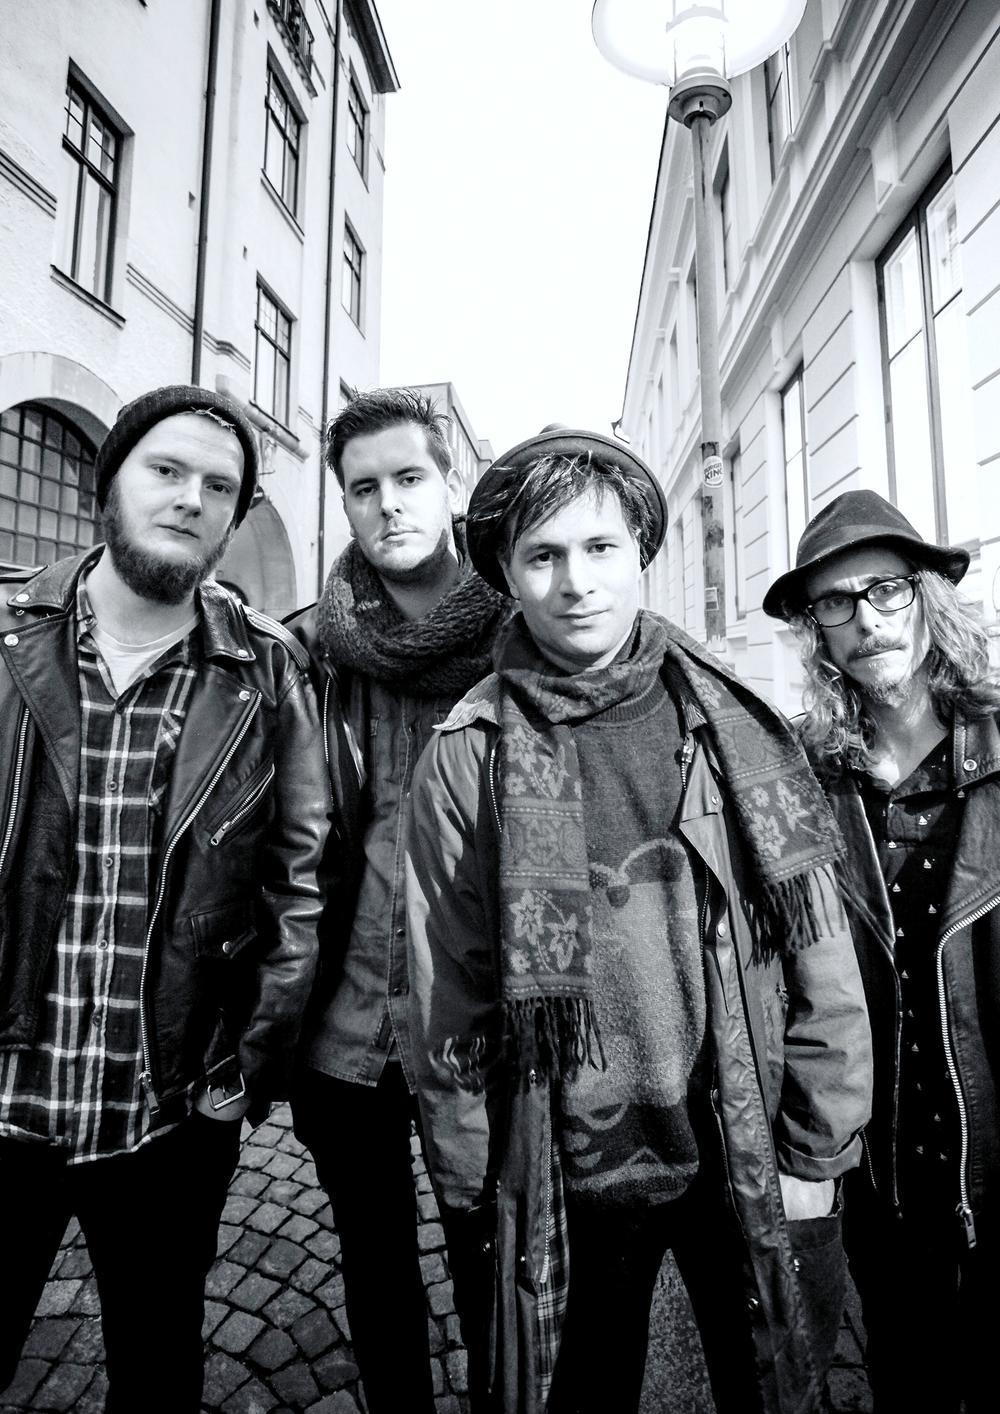 From left to right: Eirik Lundh, Konrad Grahn, Dennis Dine, Micke Löfgren